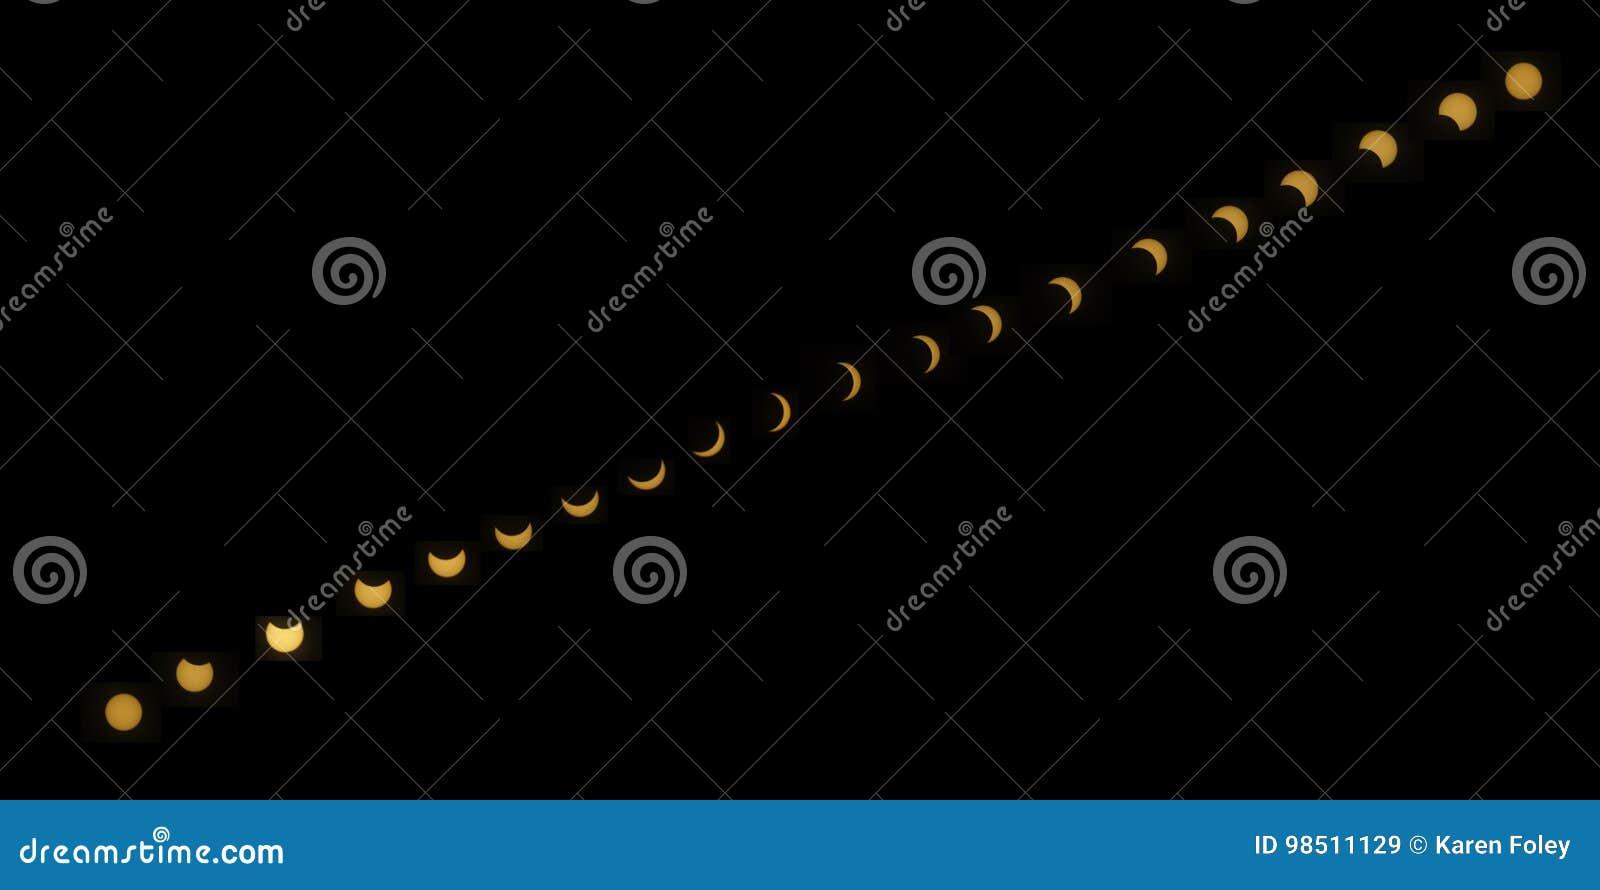 Fasi di eclissi solare parziale